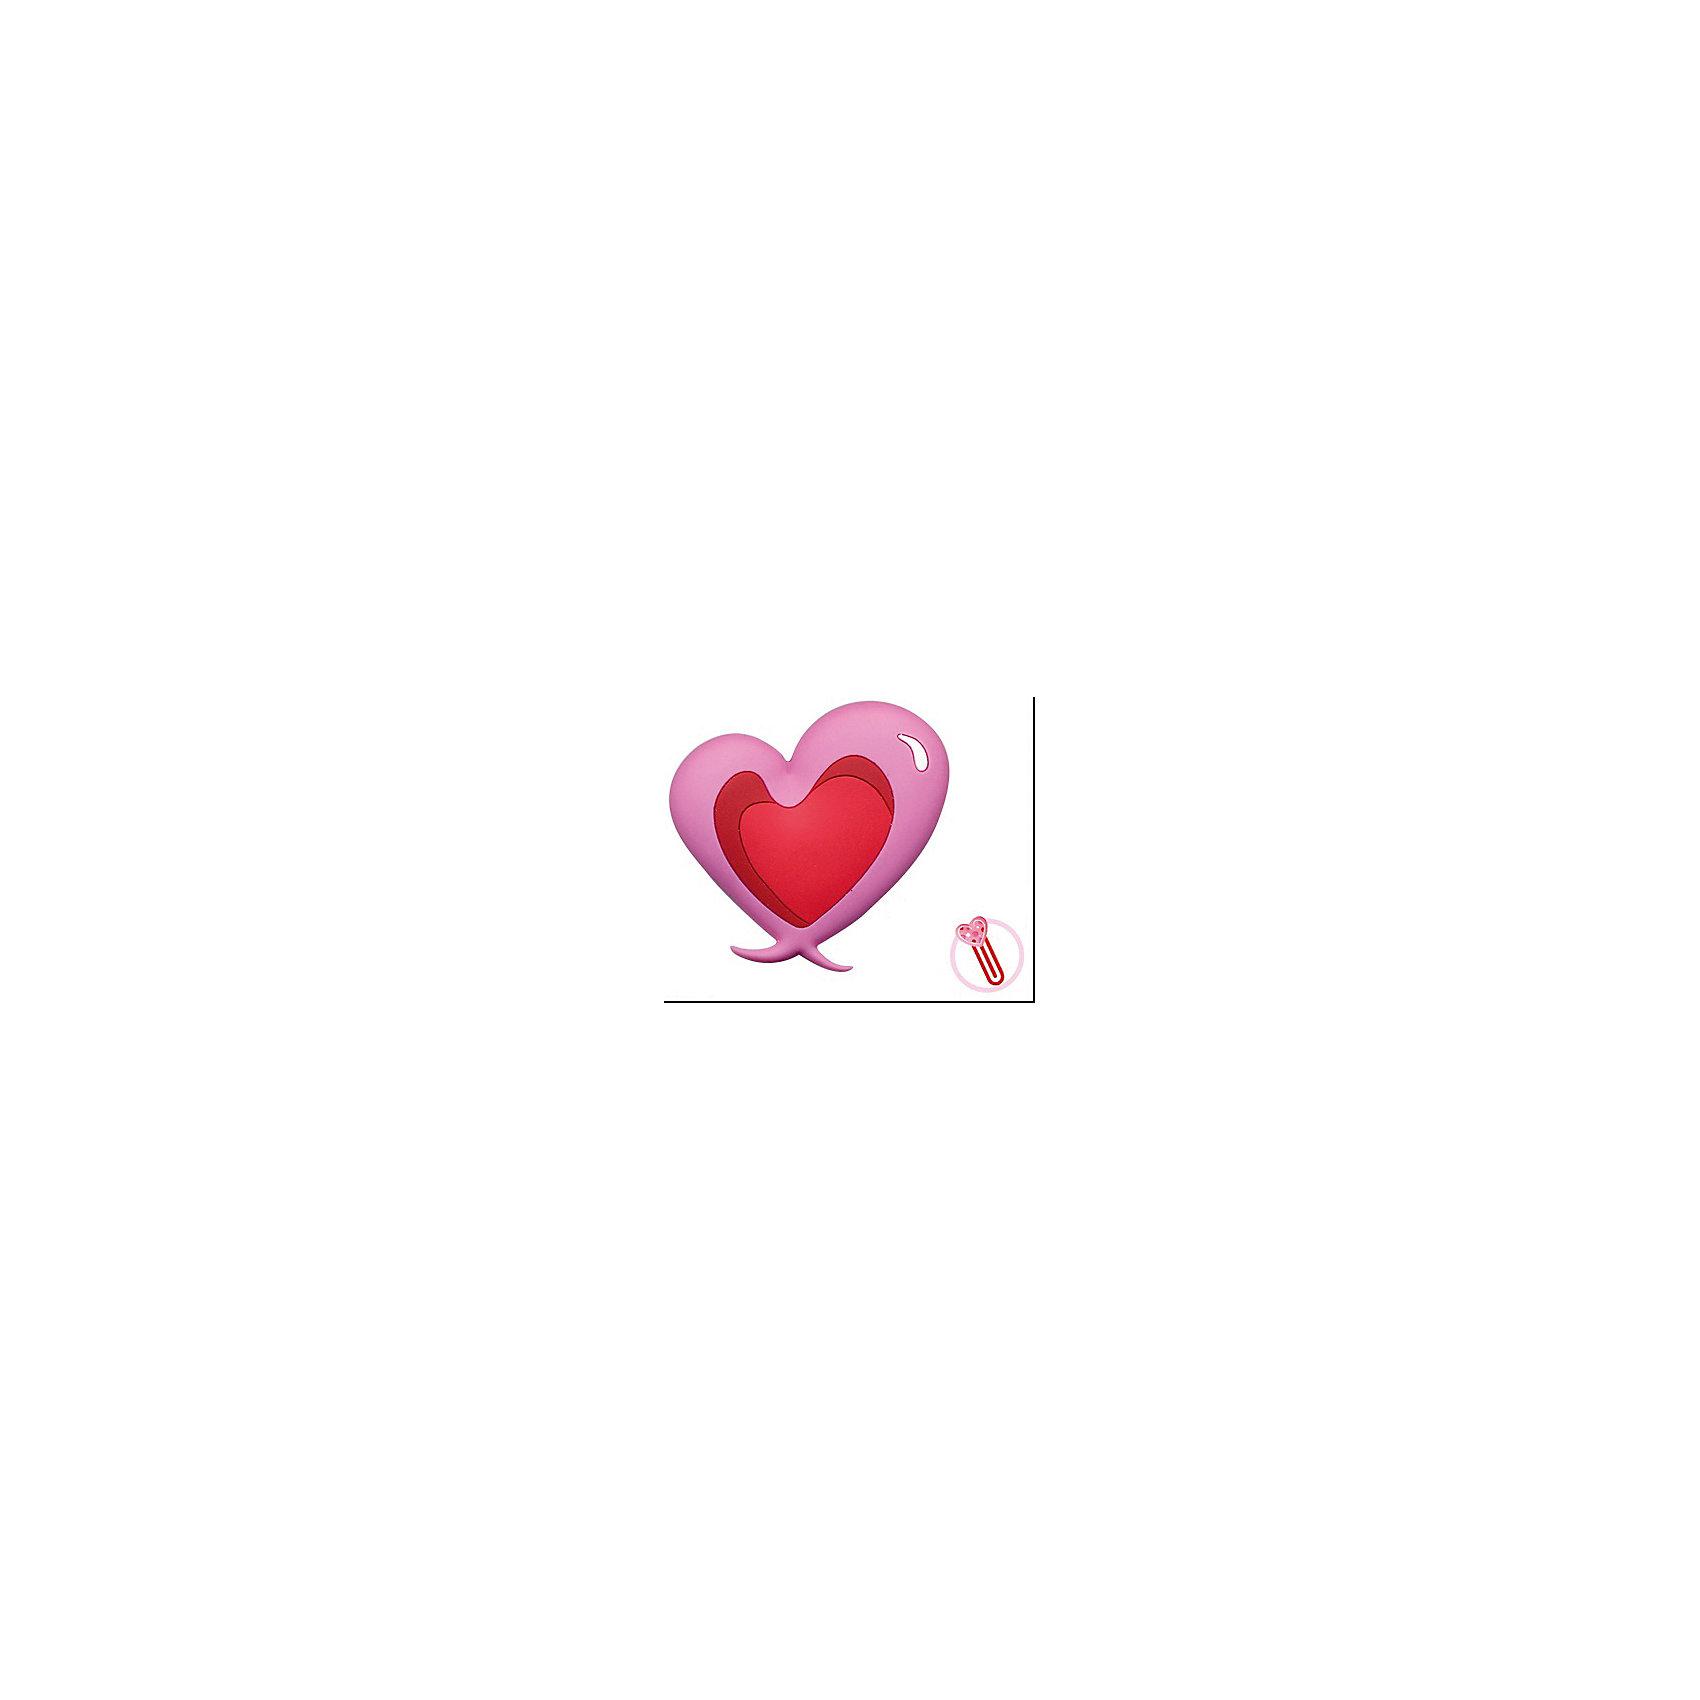 - Закладка-сувенир для книг Двухцветное сердце виброплатформы для похудения в алматы в интернет магазине